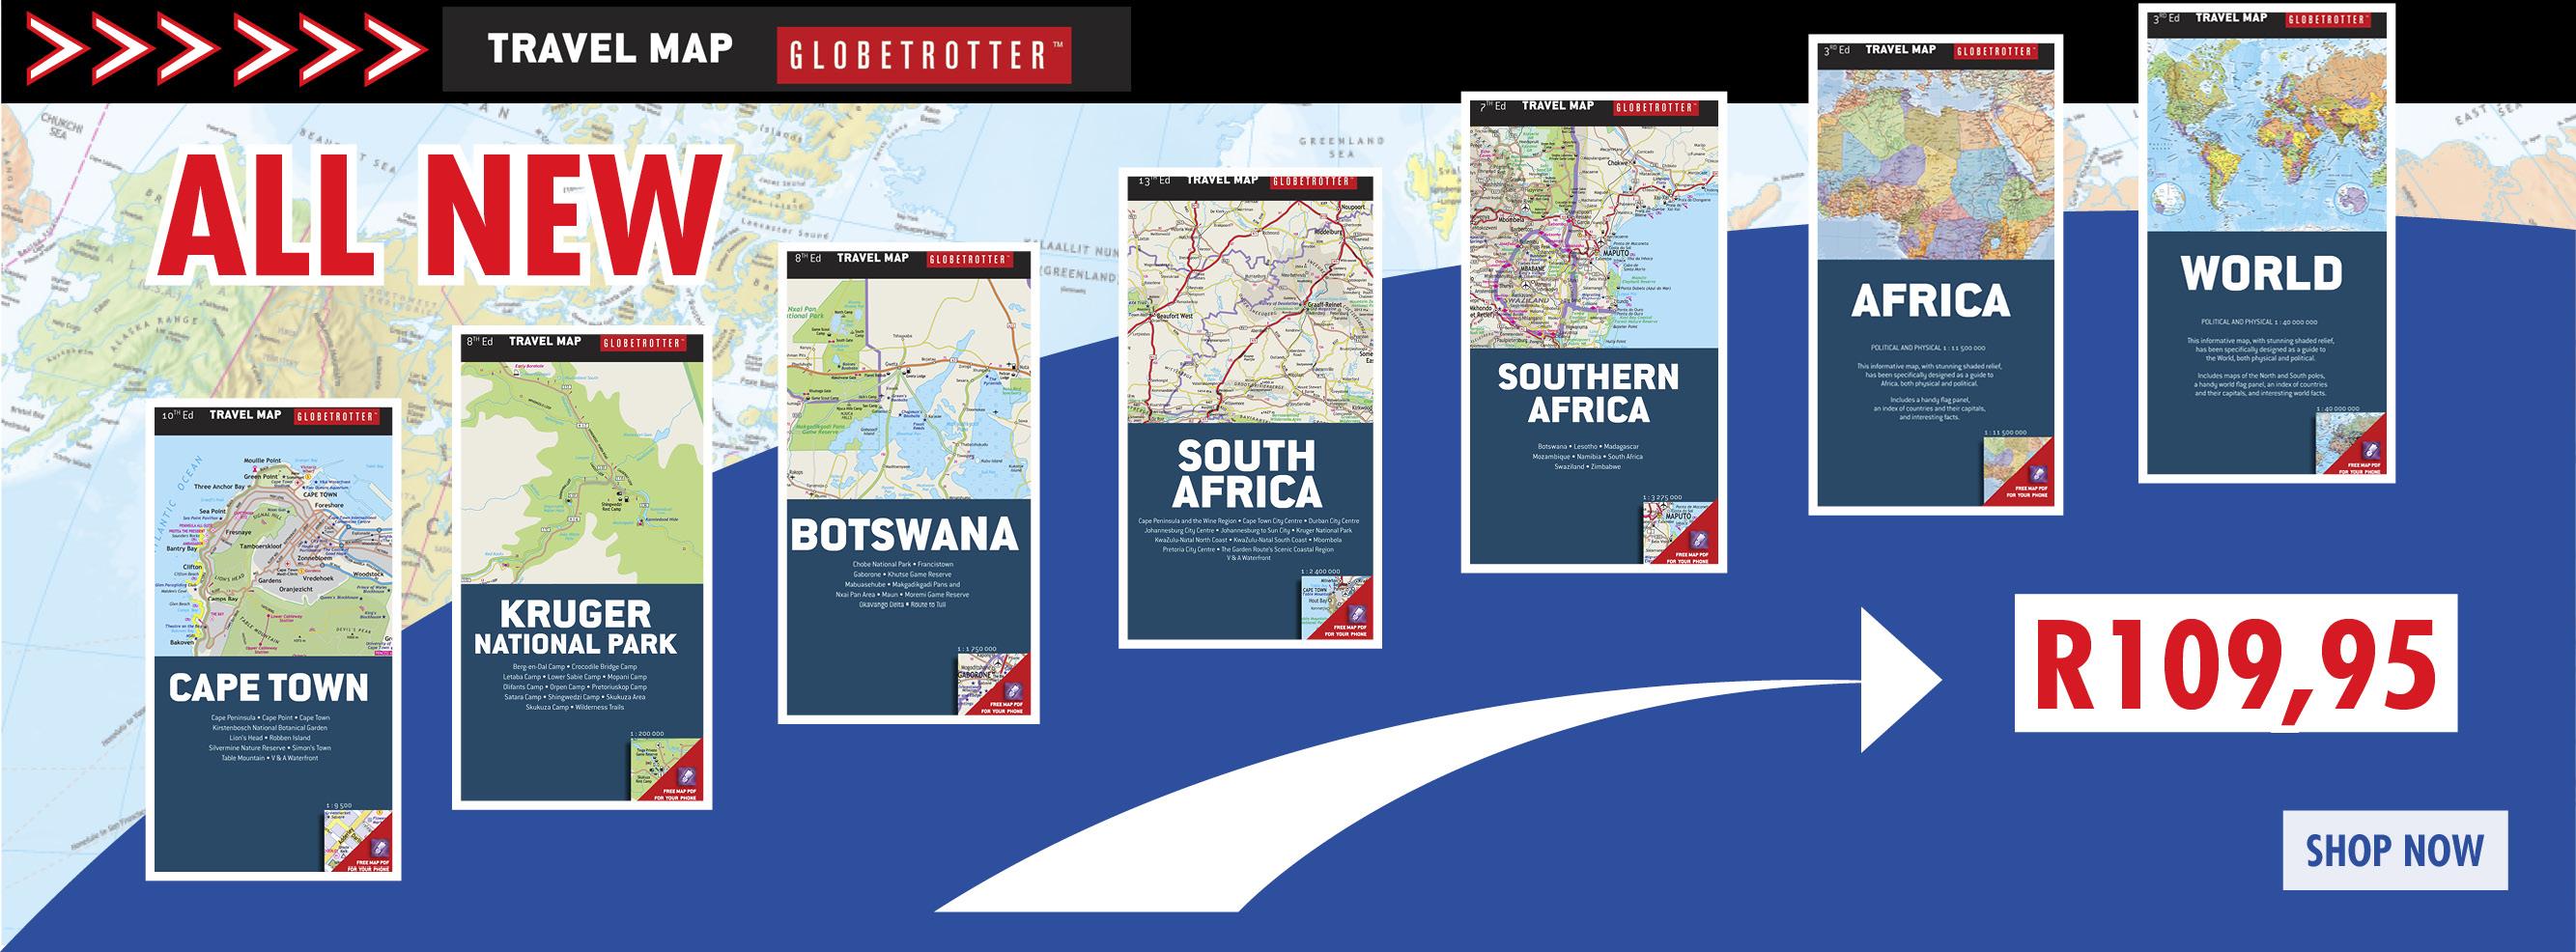 globetrottermaps_webslider